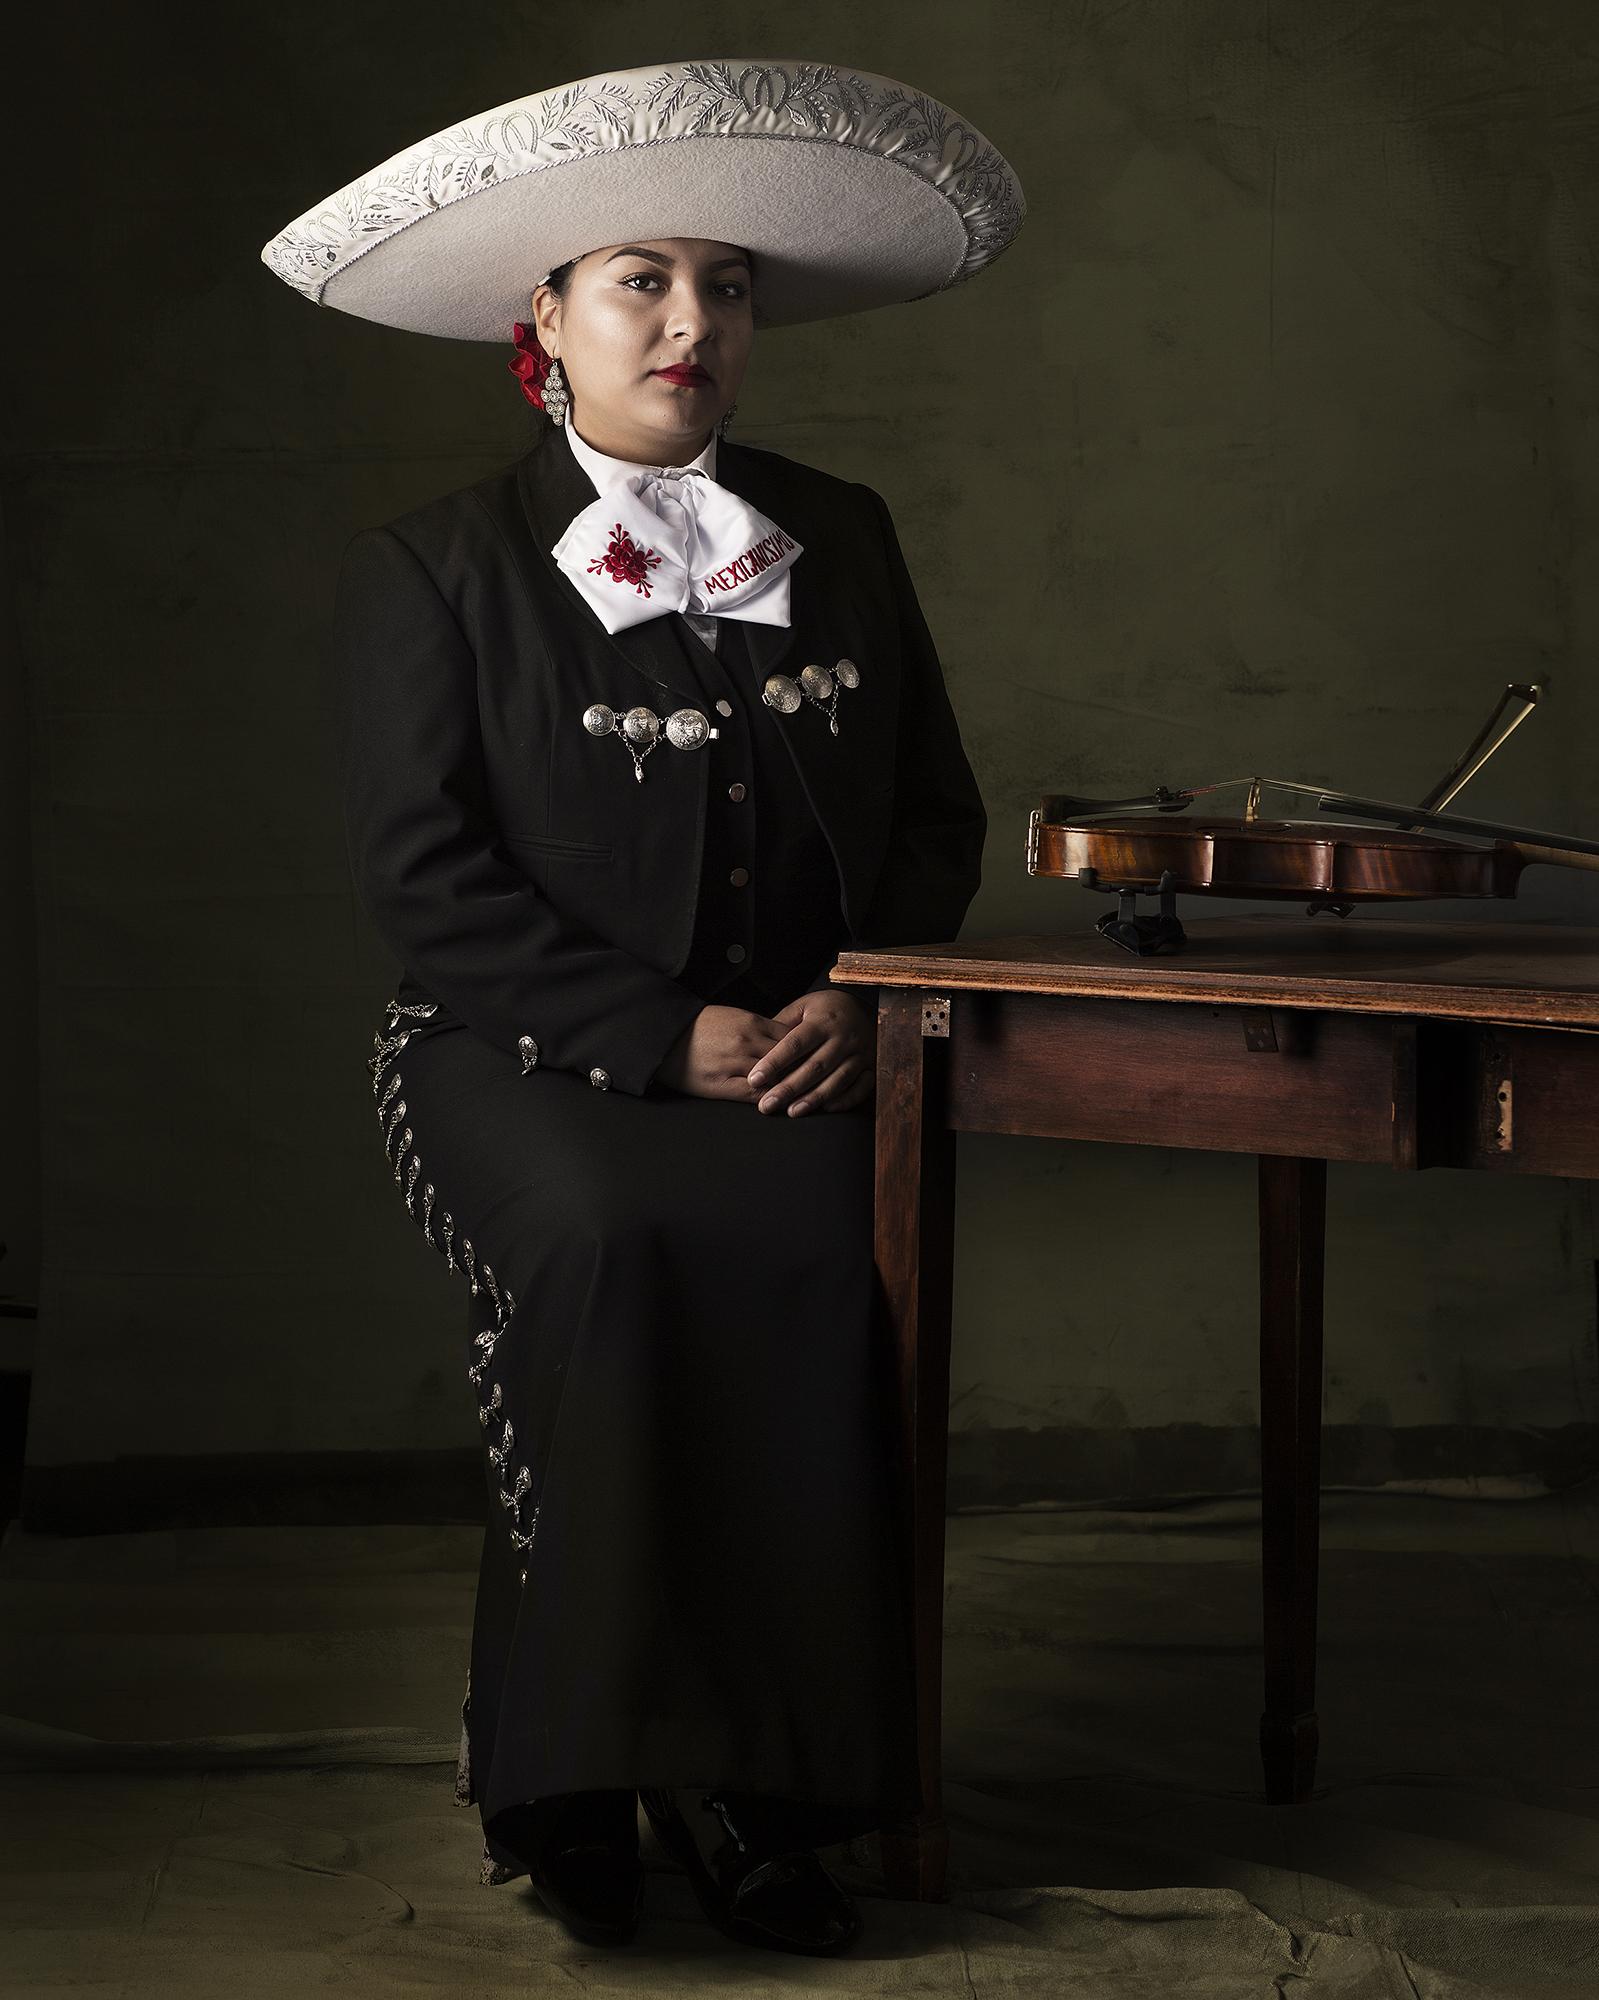 adair_j_mexicanismo_008.jpg